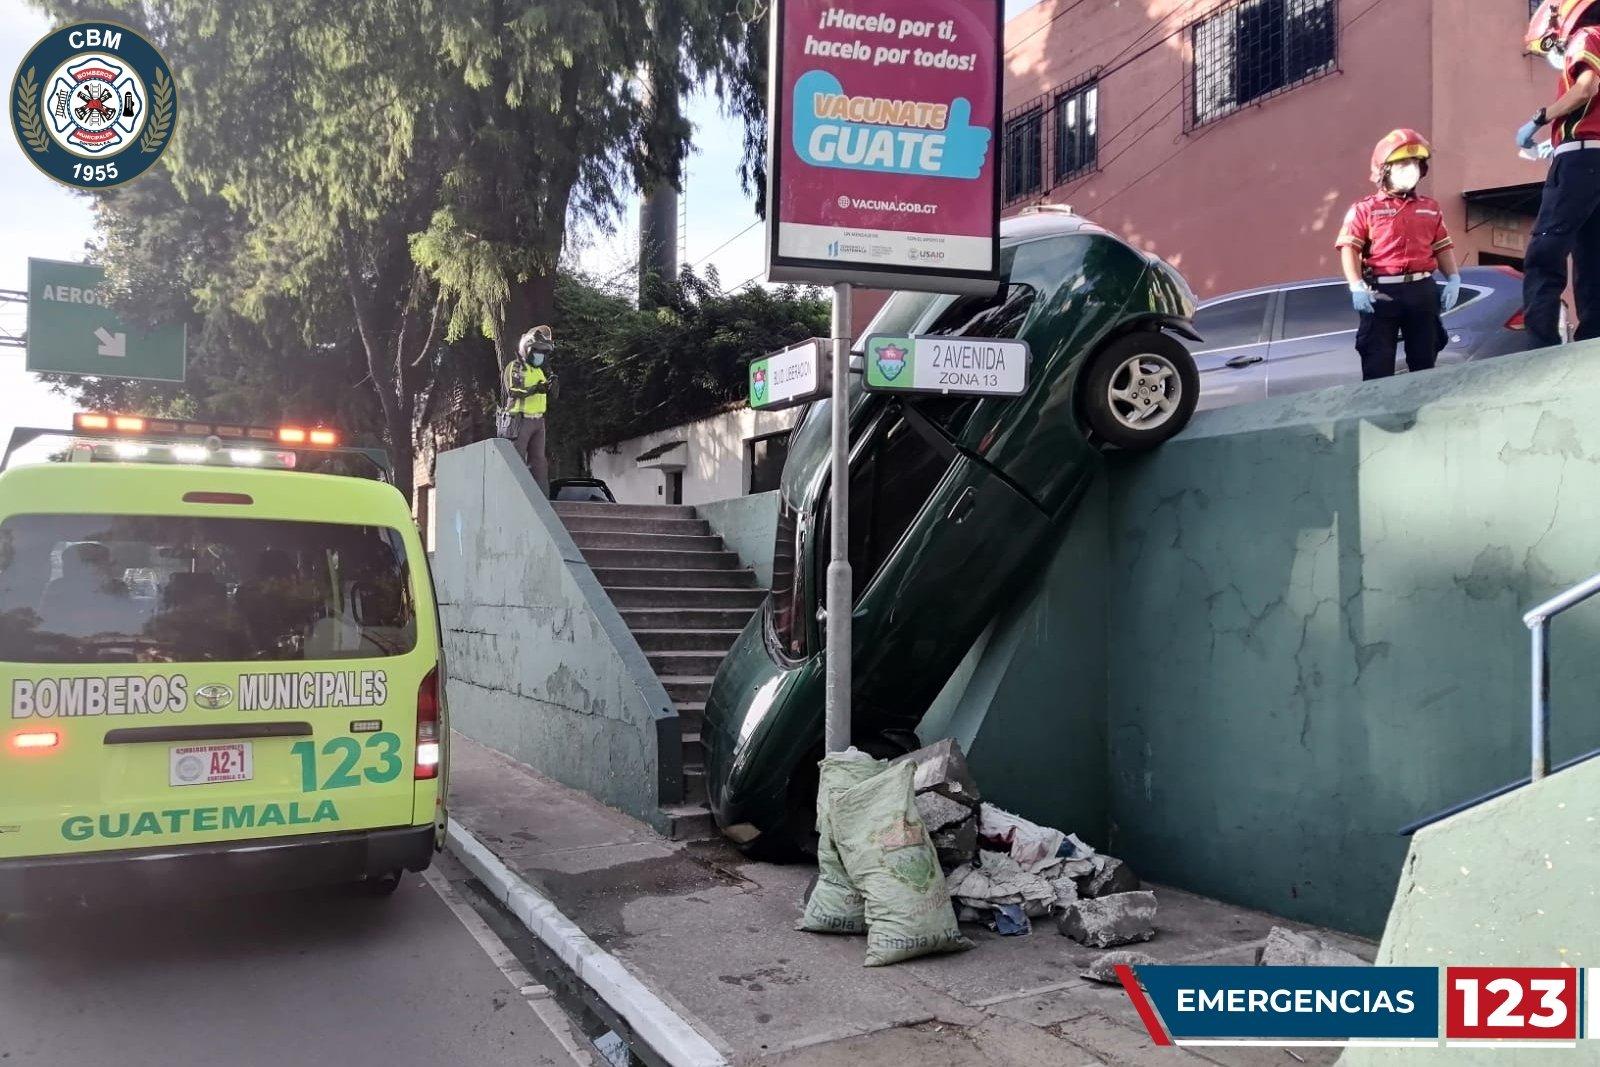 Un automovilista tiene un accidente en el Boulevard Liberación y está suspendido en un carril auxiliar - Prensa Libre